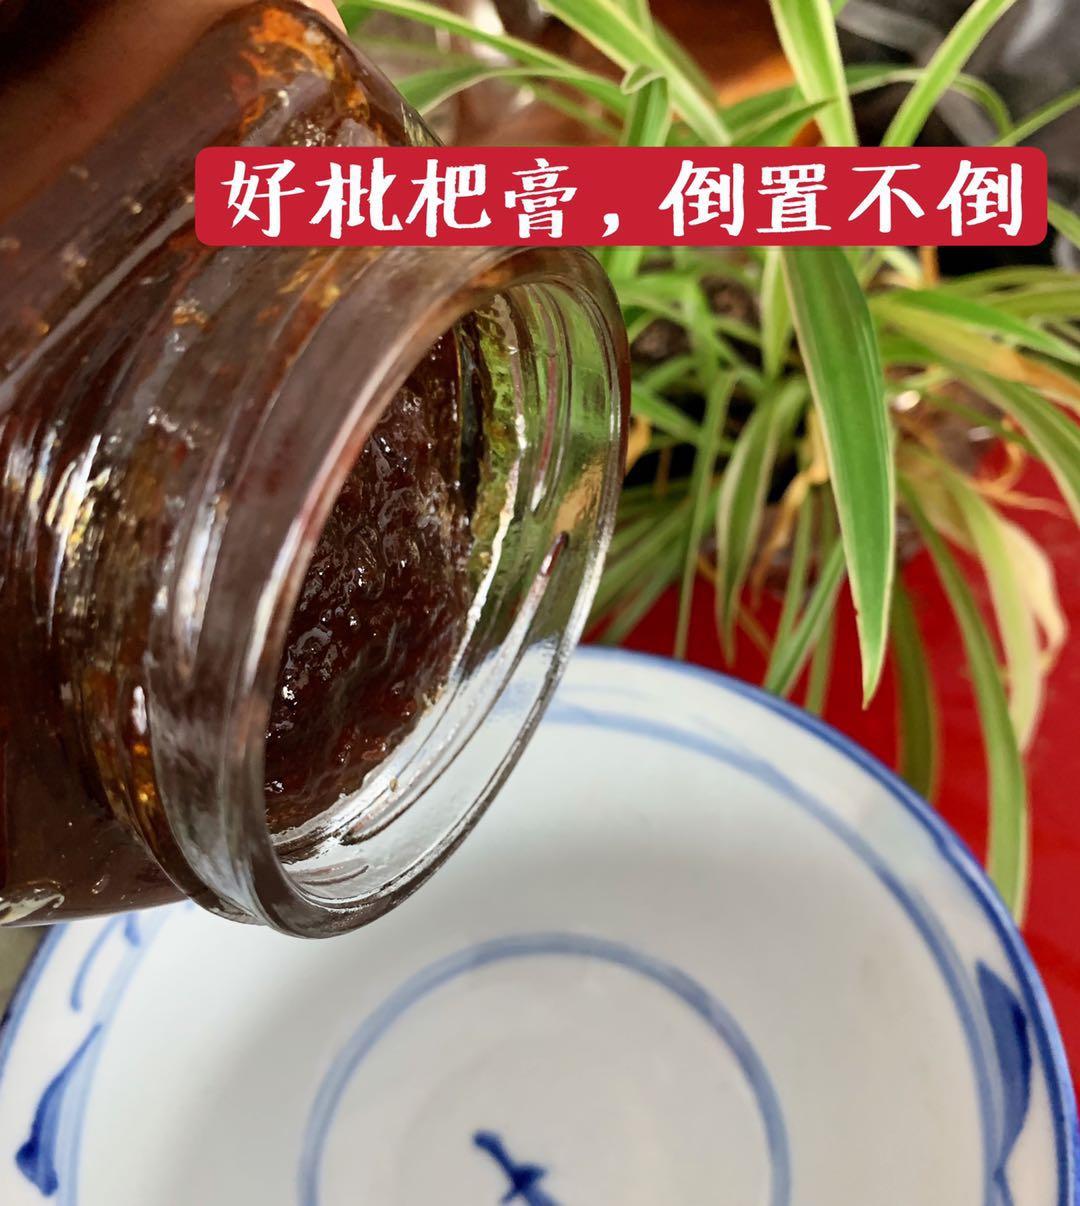 【古村竹夏】高山农家枇杷膏纯手工古法  无添加 500g